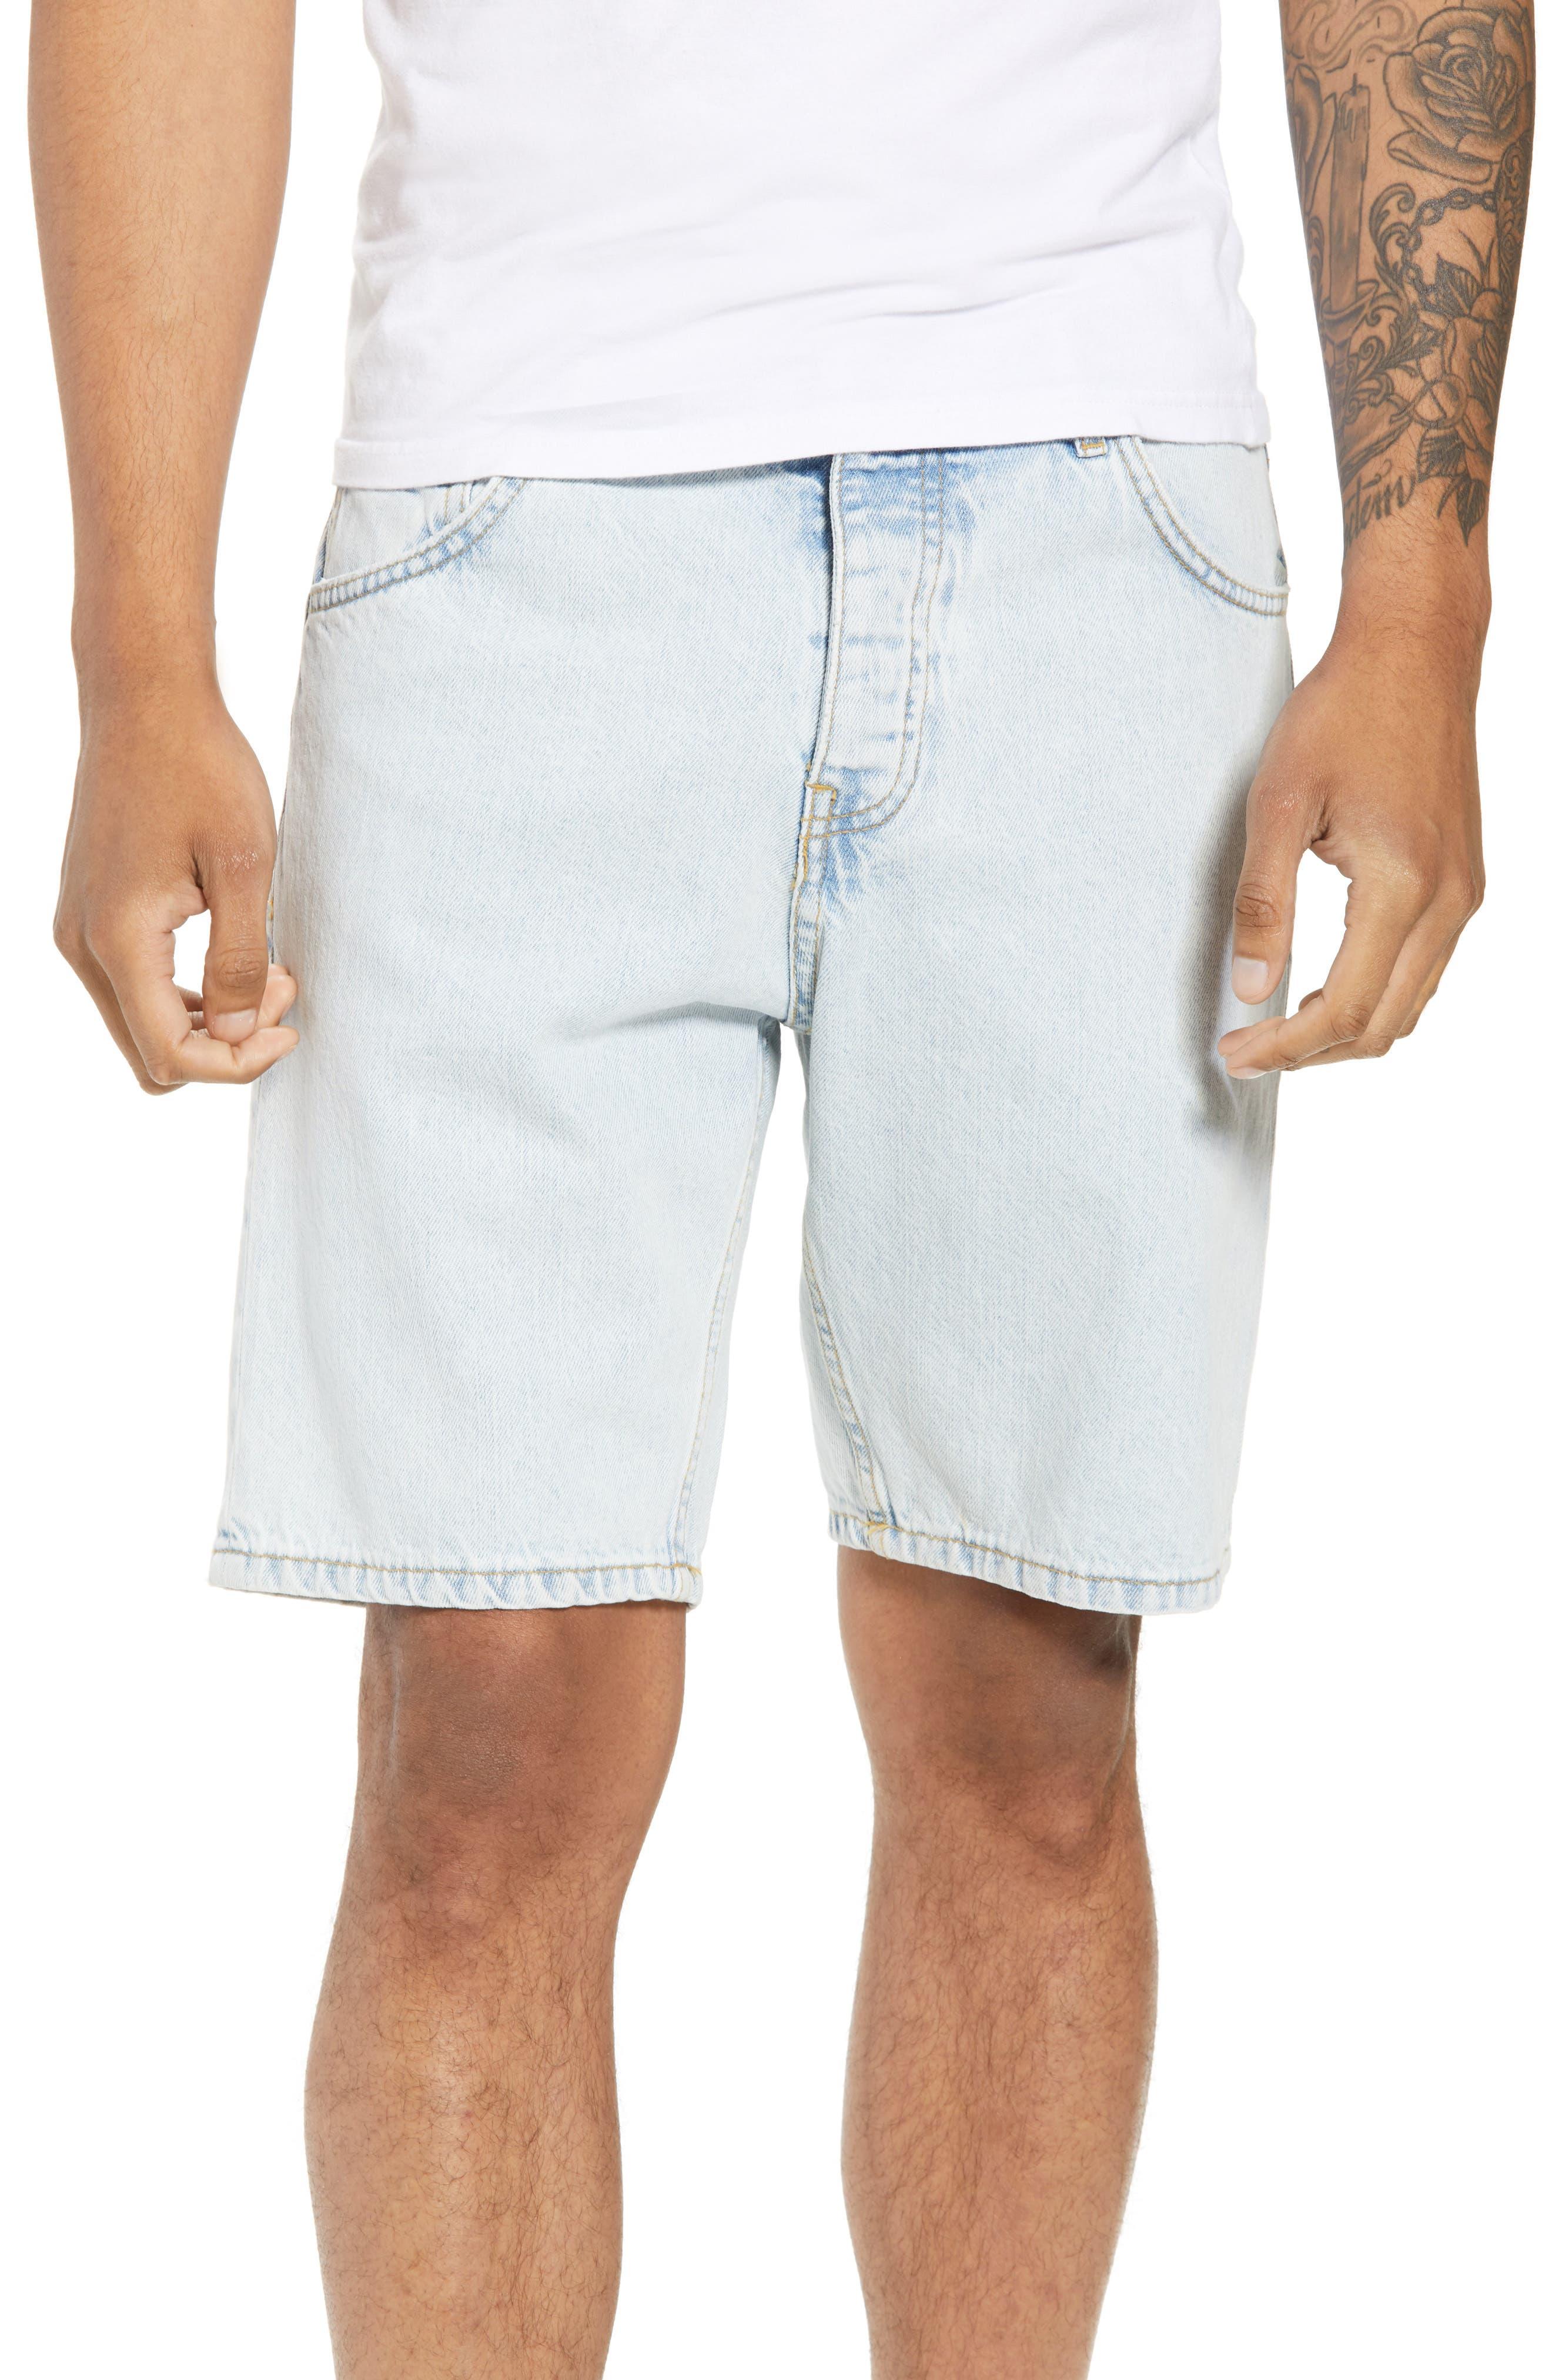 Dr. Denim Jeansmaker Bay Denim Shorts,                         Main,                         color, WORN SUPERLIGHT BLUE